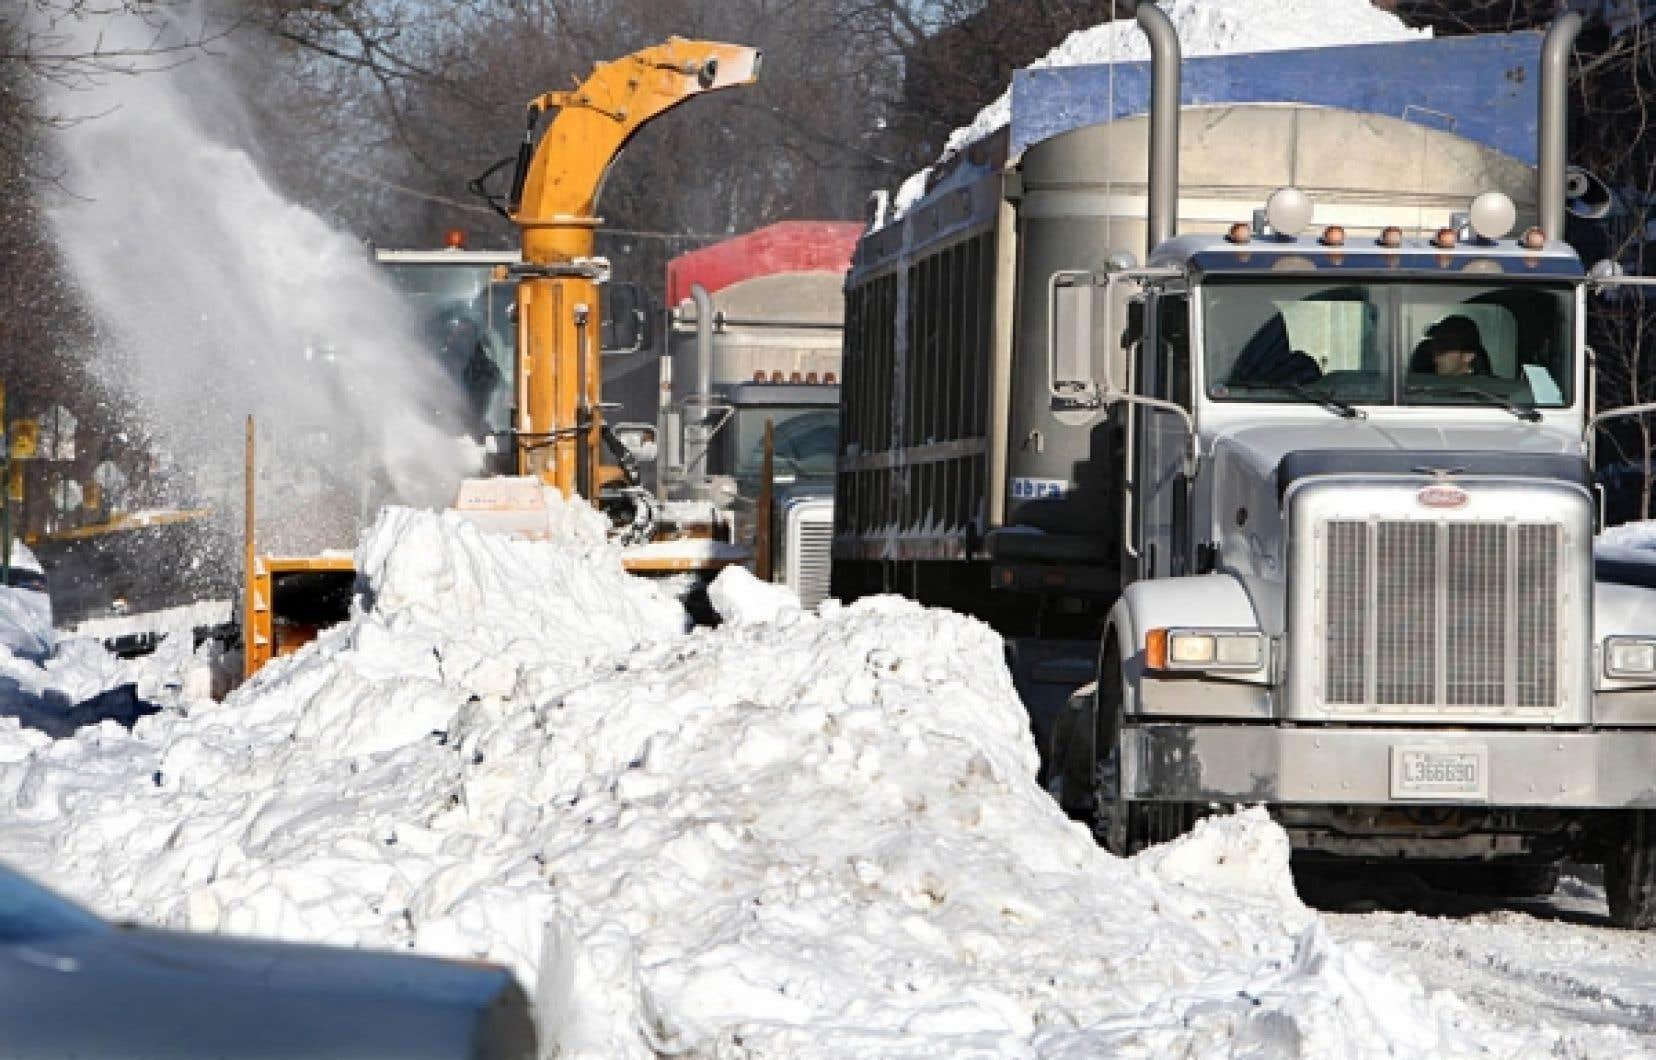 Quatre piétons ont perdu la vie l'hiver dernier à Montréal au cours d'opérations de déneigement.